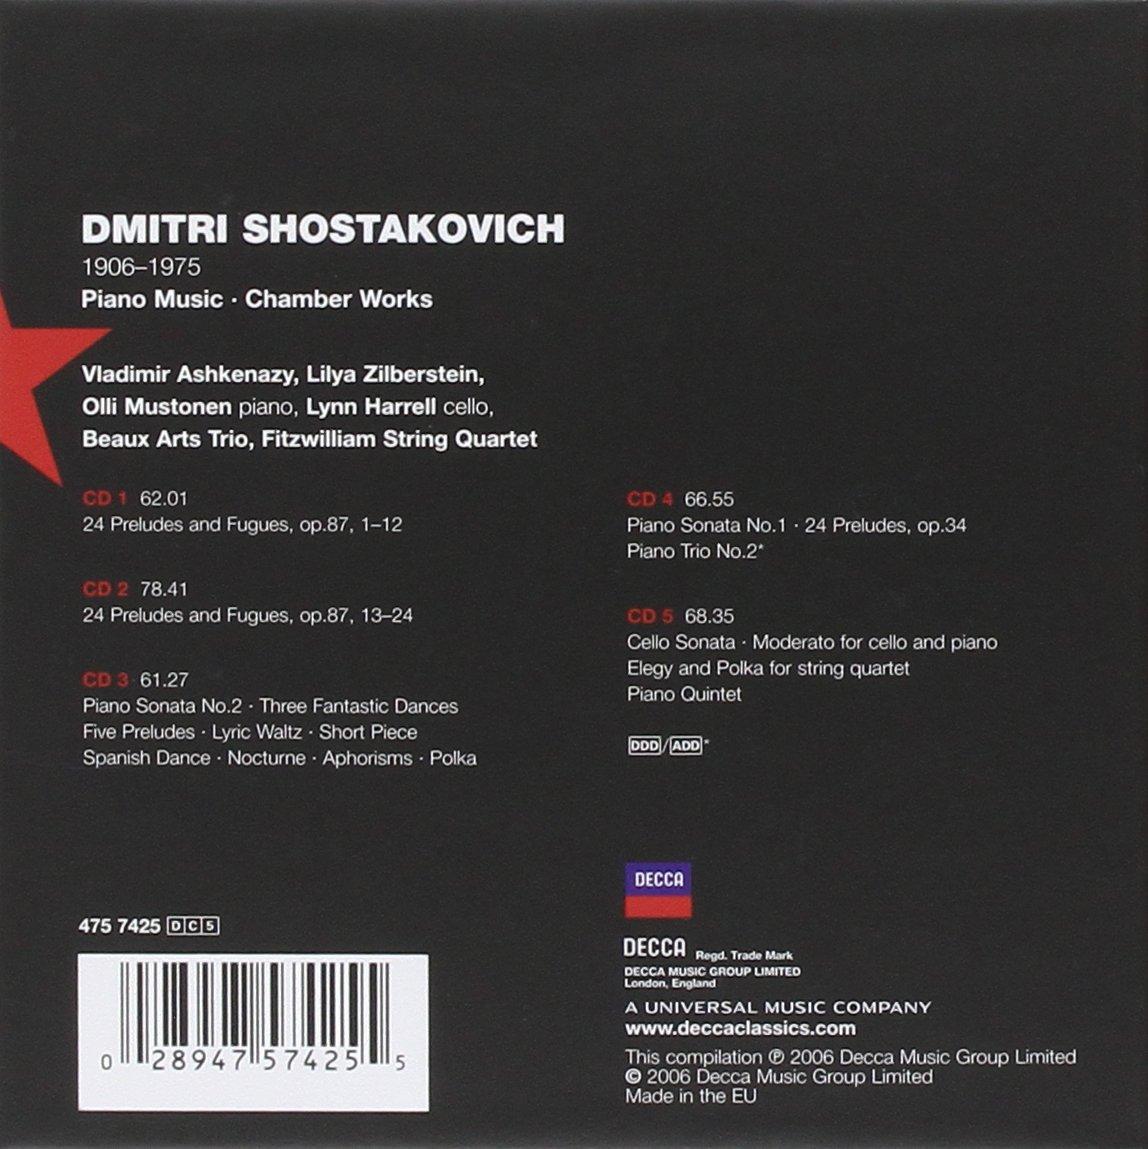 Shostakovich: Piano Music, Chamber Works